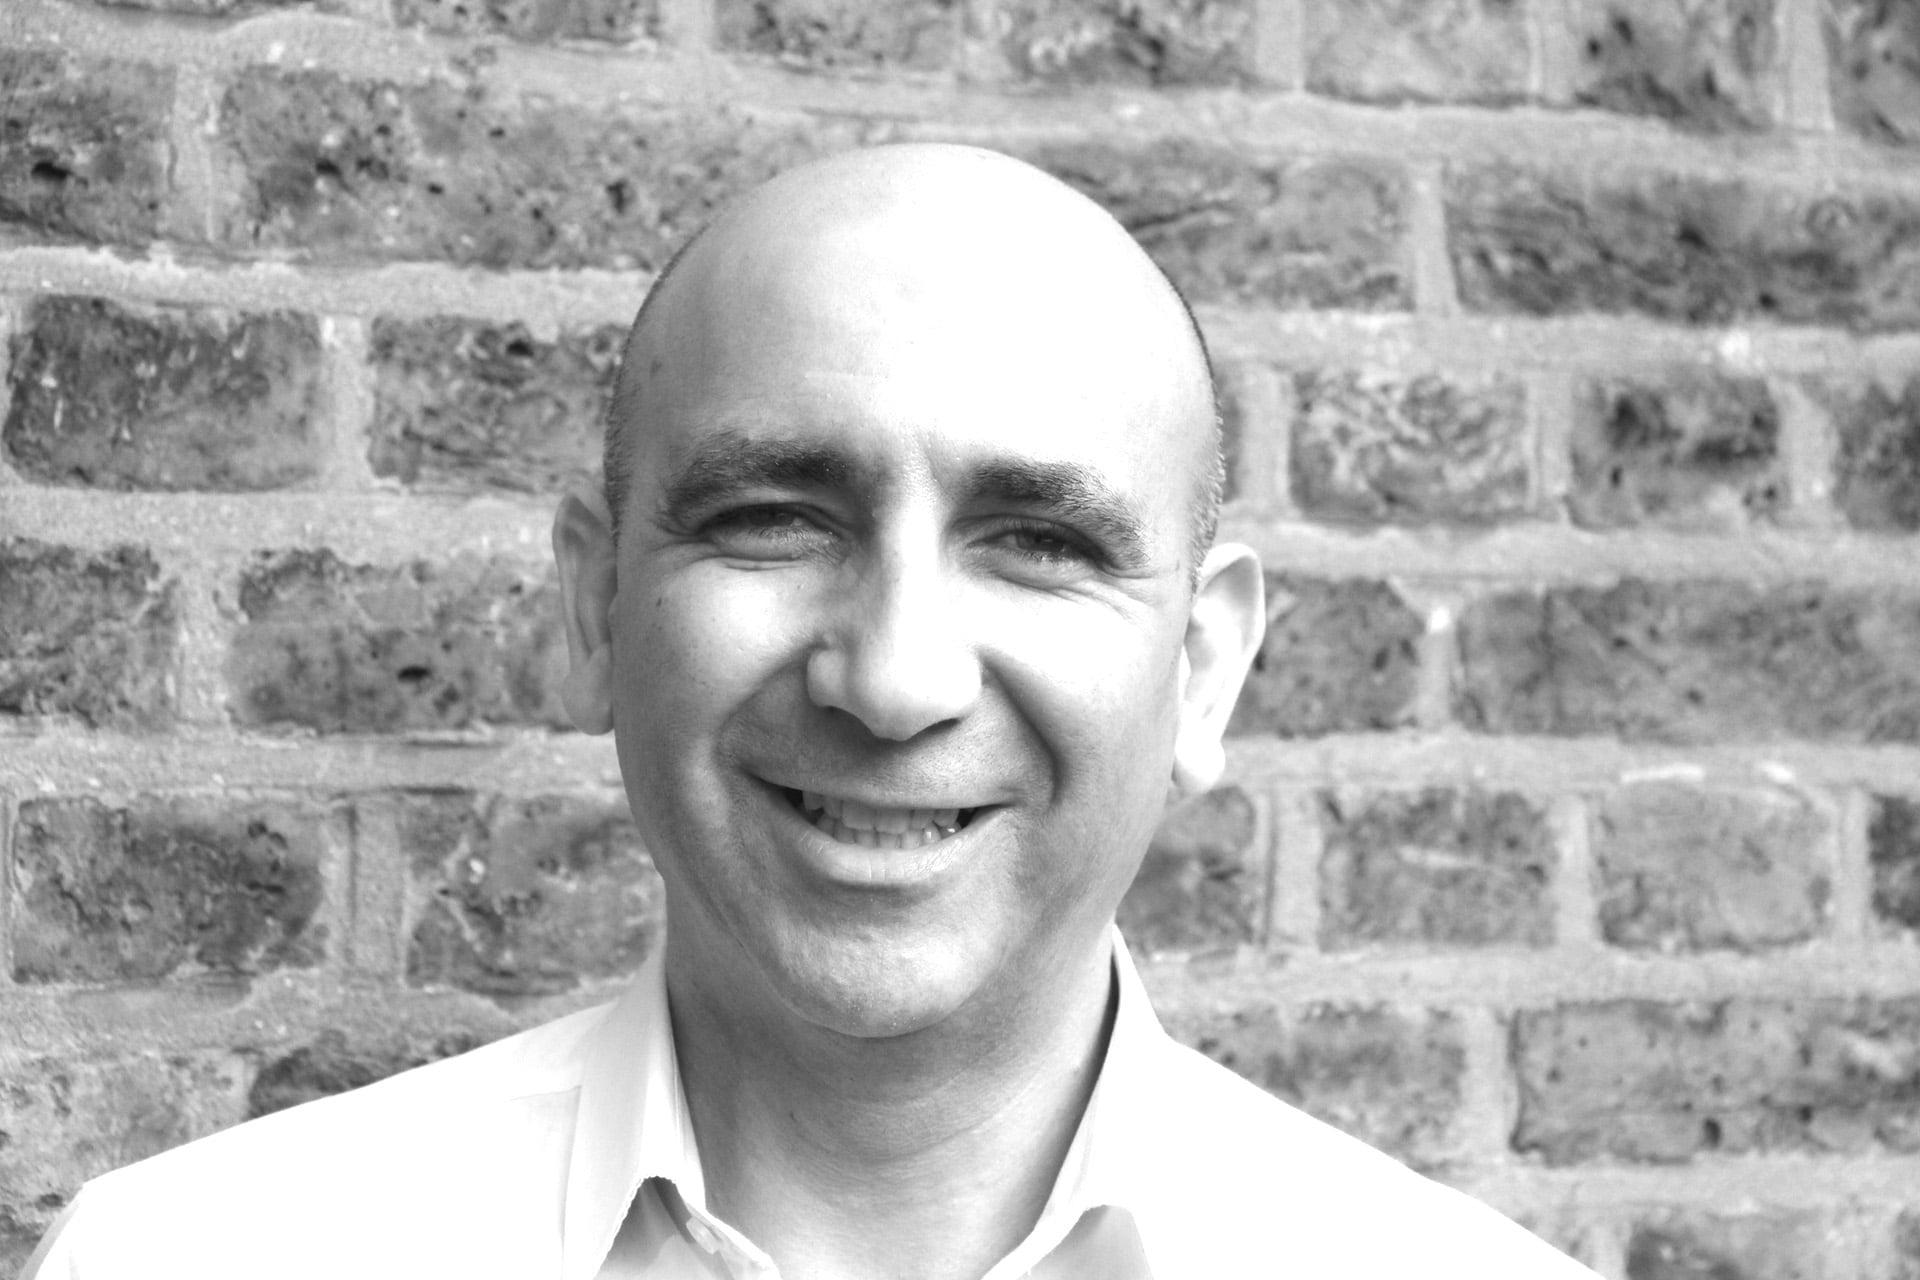 Κρις Ξενοφώντος: Ένας Έλληνας στο τιμόνι των Warwick Hotels & Resorts- Μιας από τις μεγαλύτερες ξενοδοχειακές αλυσίδες του κόσμου (ΦΩΤΟ)